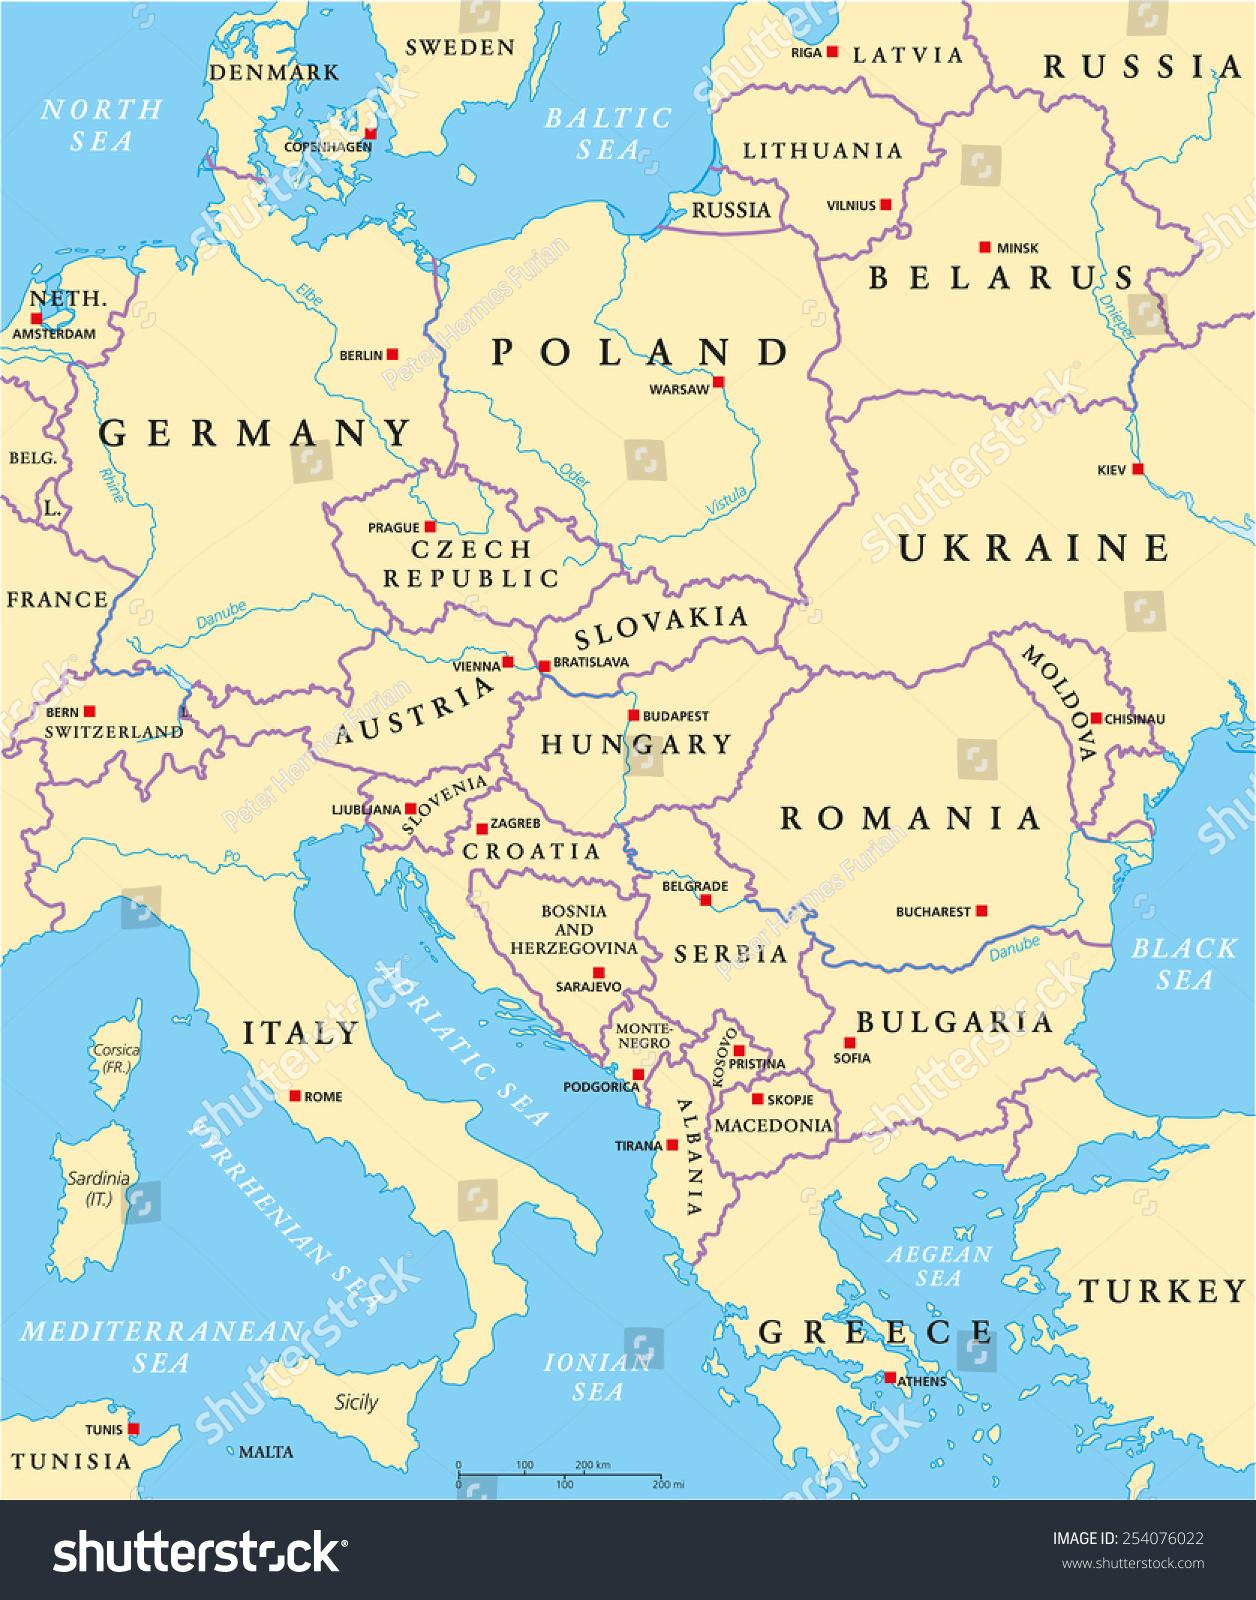 Image Vectorielle De Stock De Carte Politique De L'europe à Carte De L Europe Et Capitale